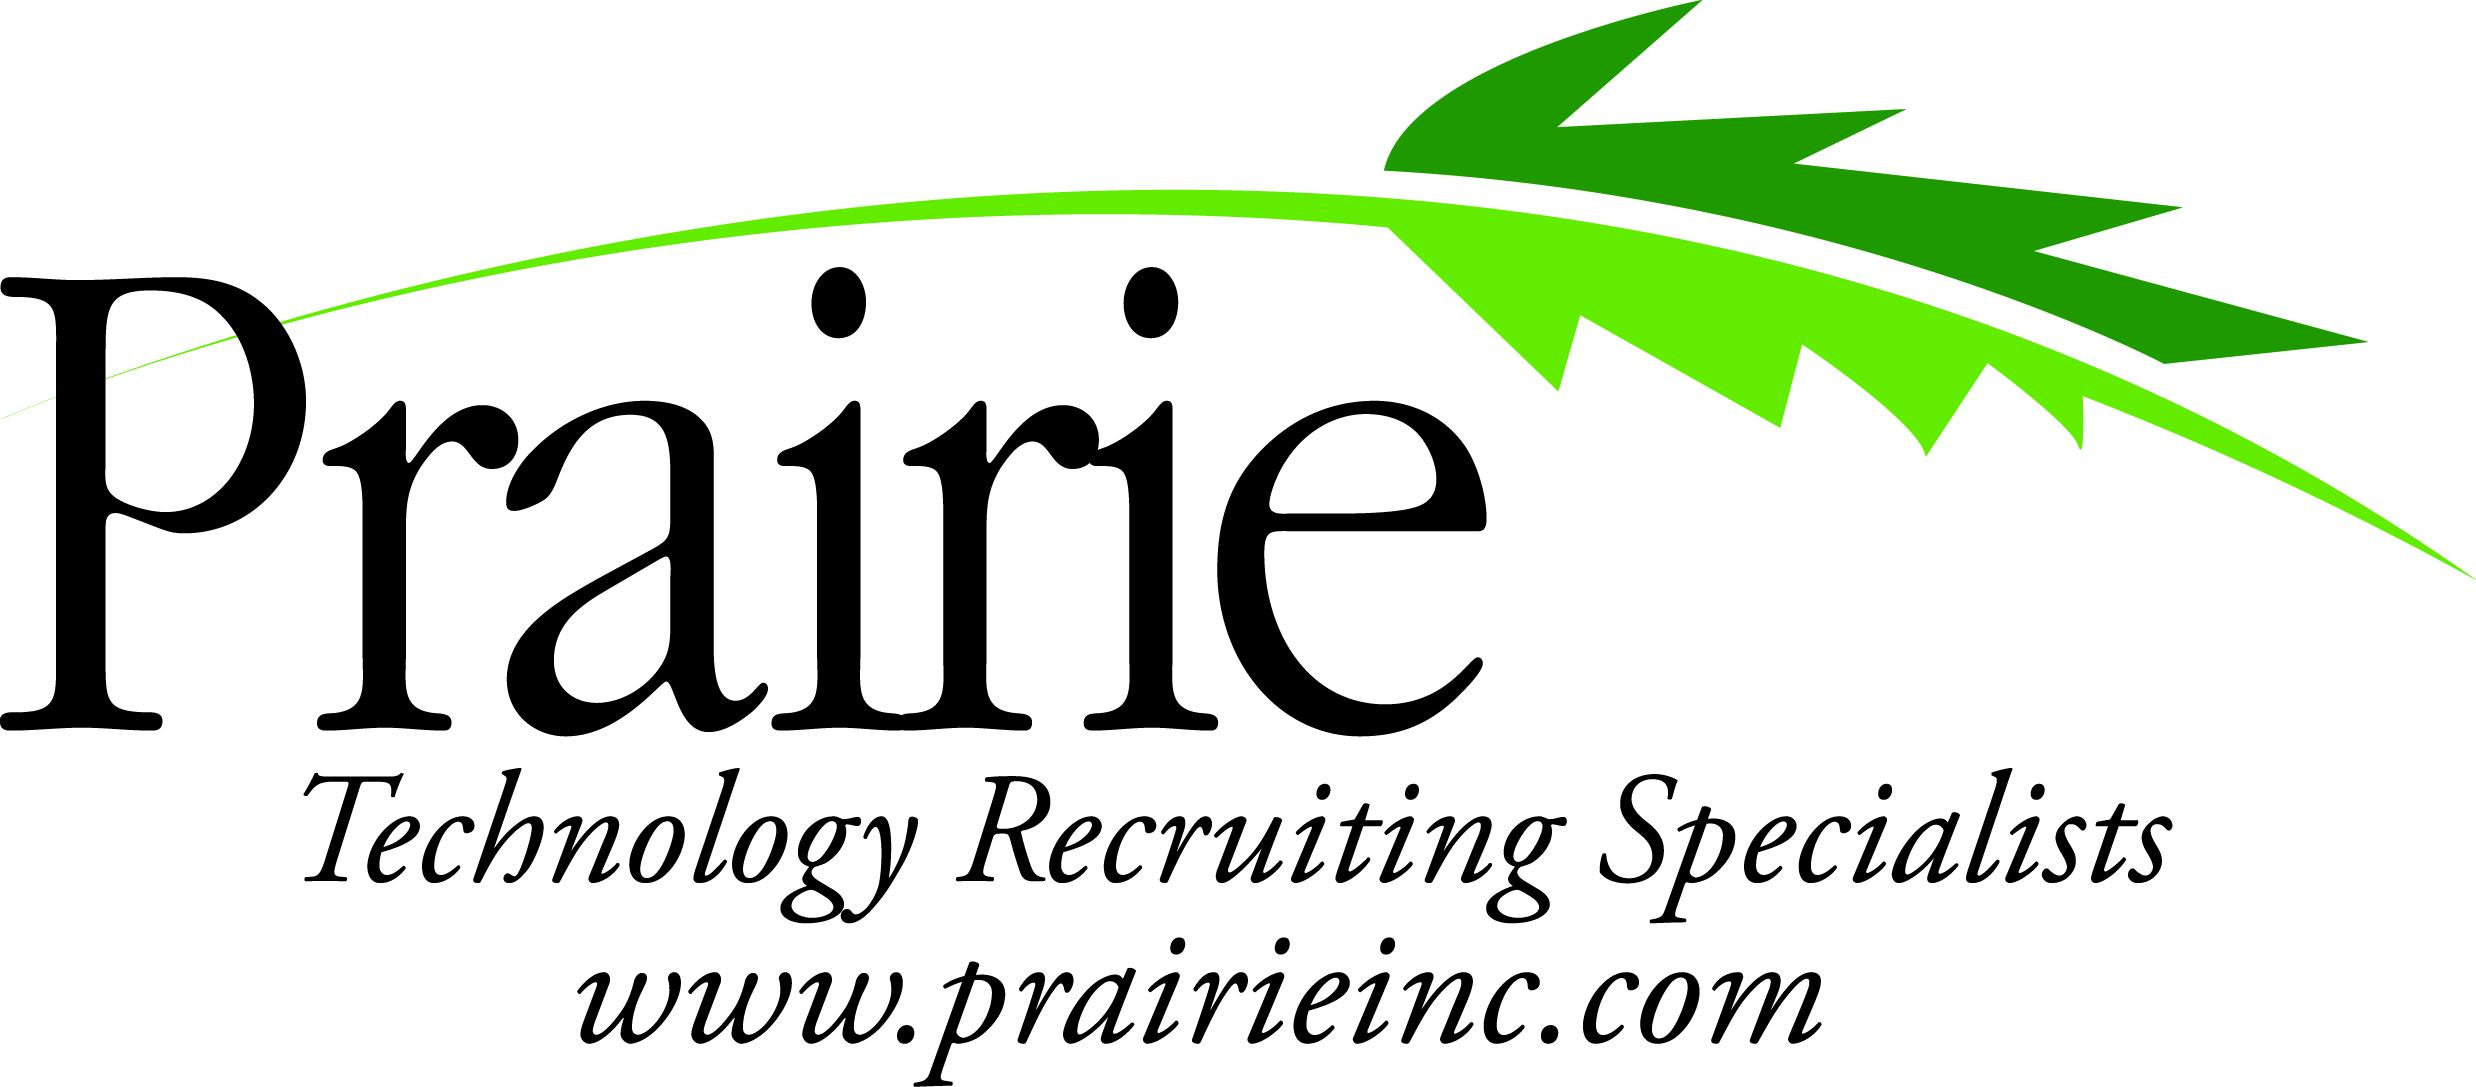 Prairie, Inc.